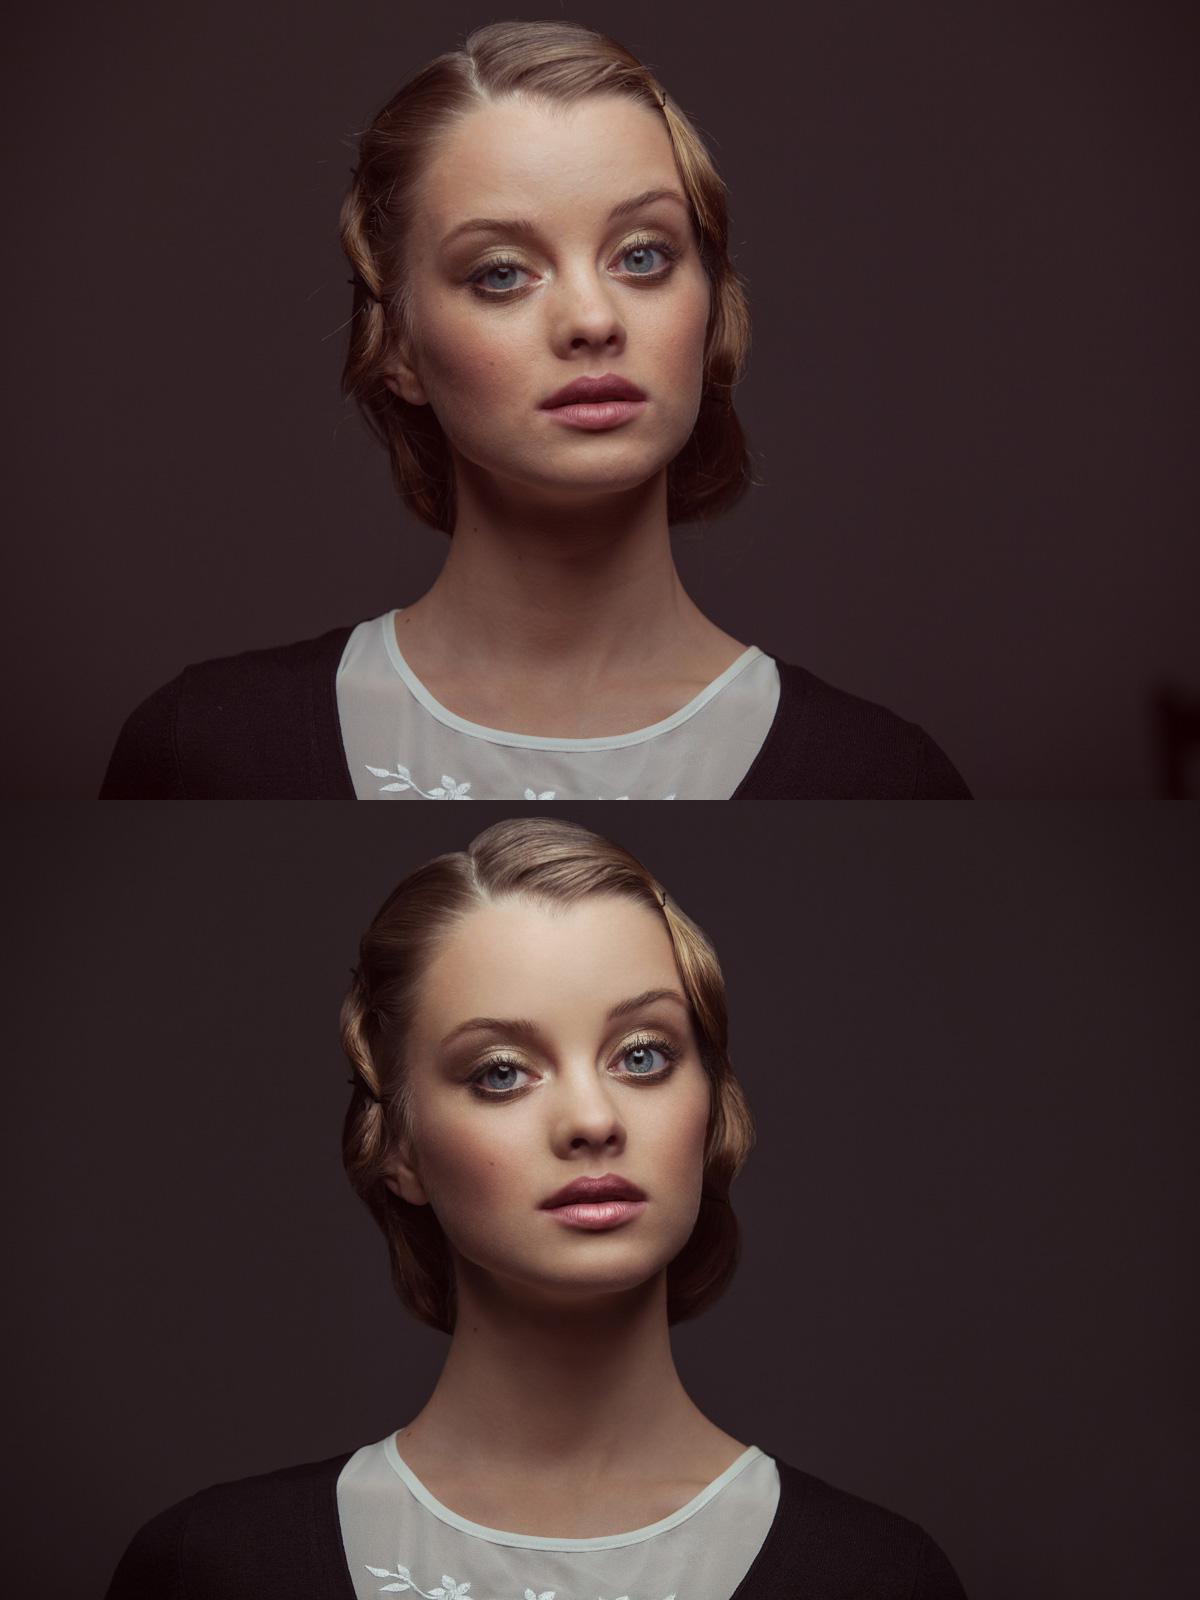 Обработки фотопортрета в осветленном виде примеры